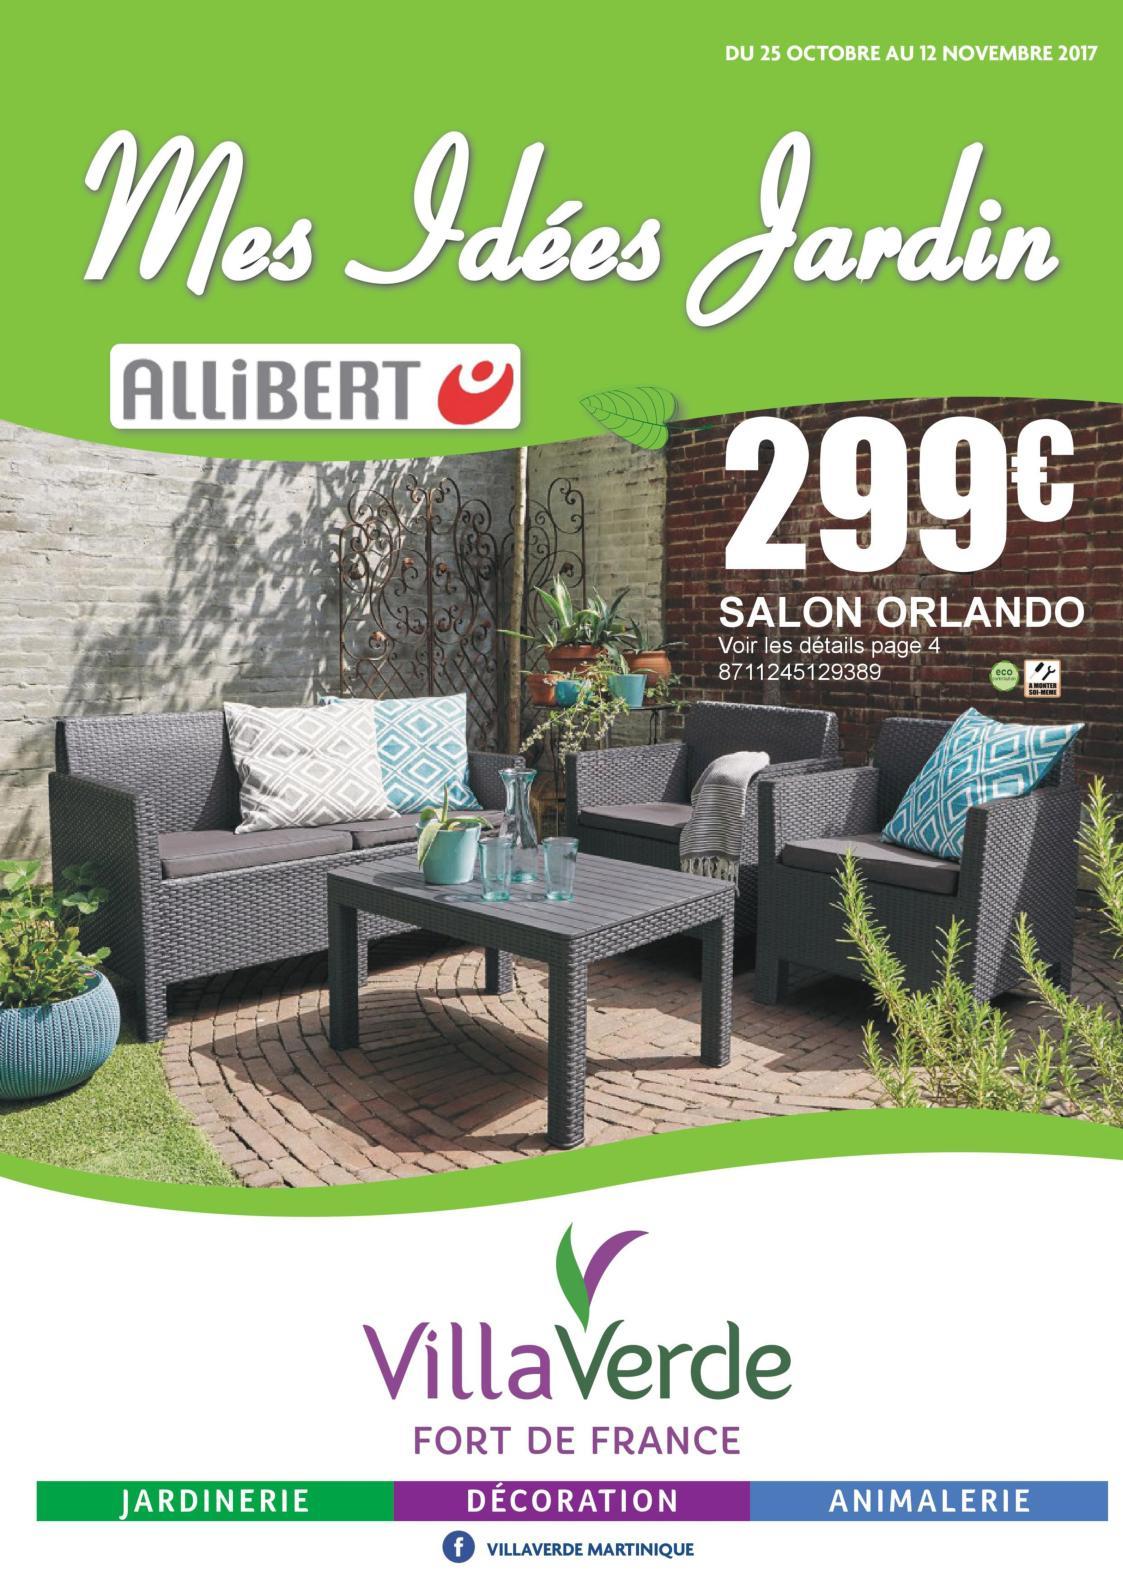 Villaverde - Mes Idées Jardin - Calameo Downloader à Salon De Jardin Villaverde